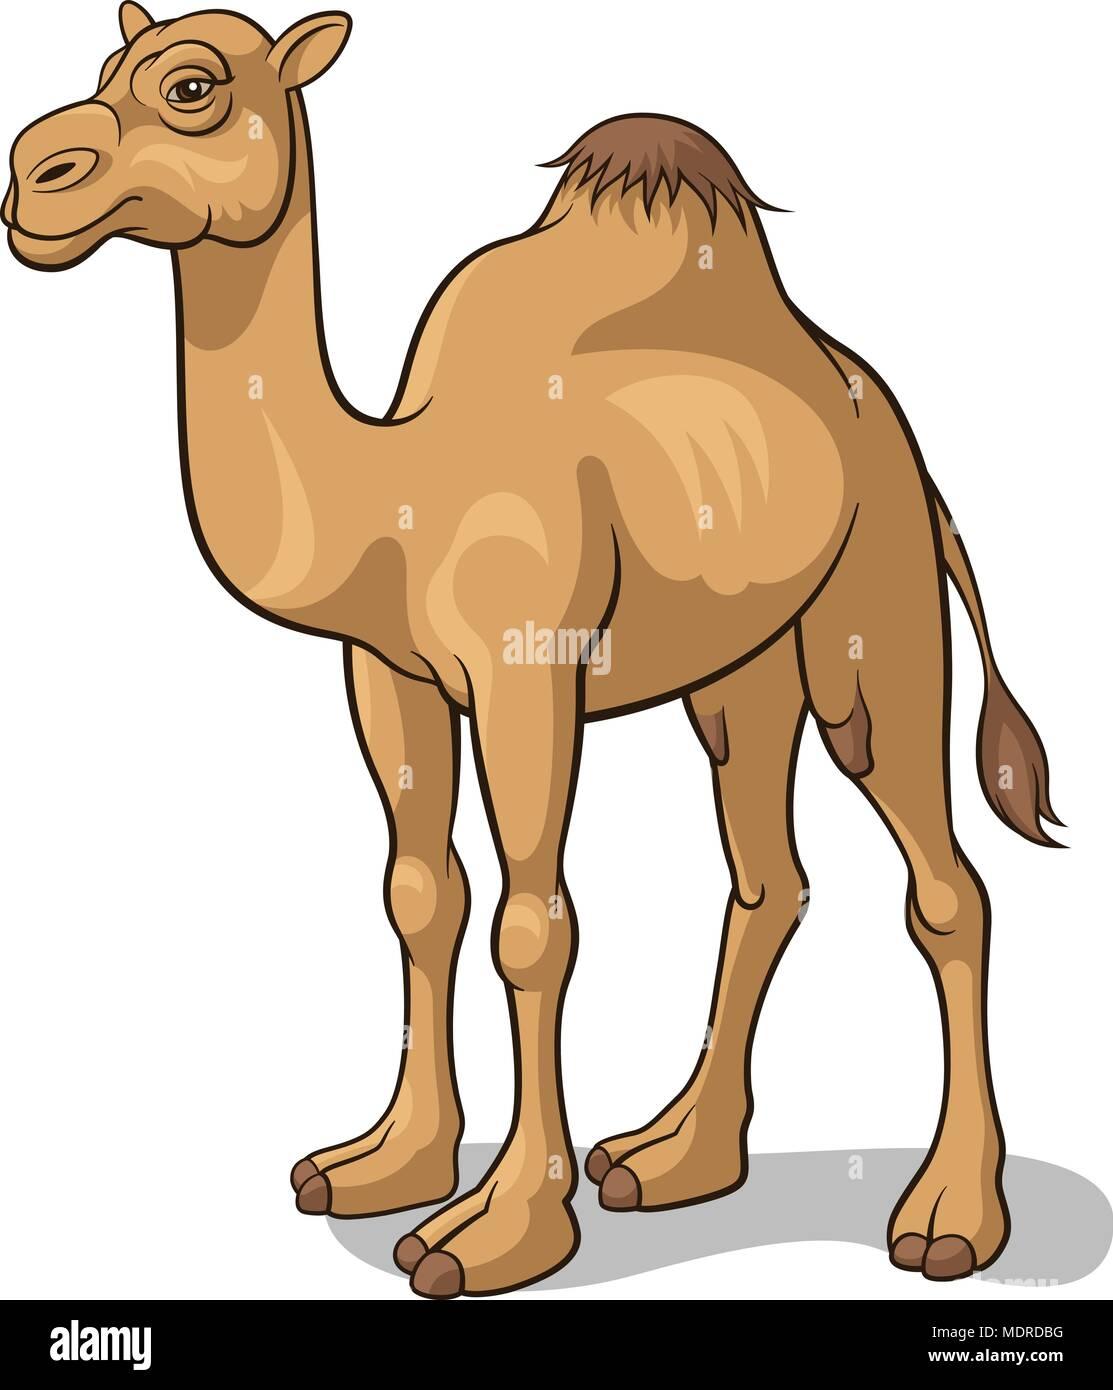 Cartoon camel isolato su bianco, illustrazione vettoriale Immagini Stock